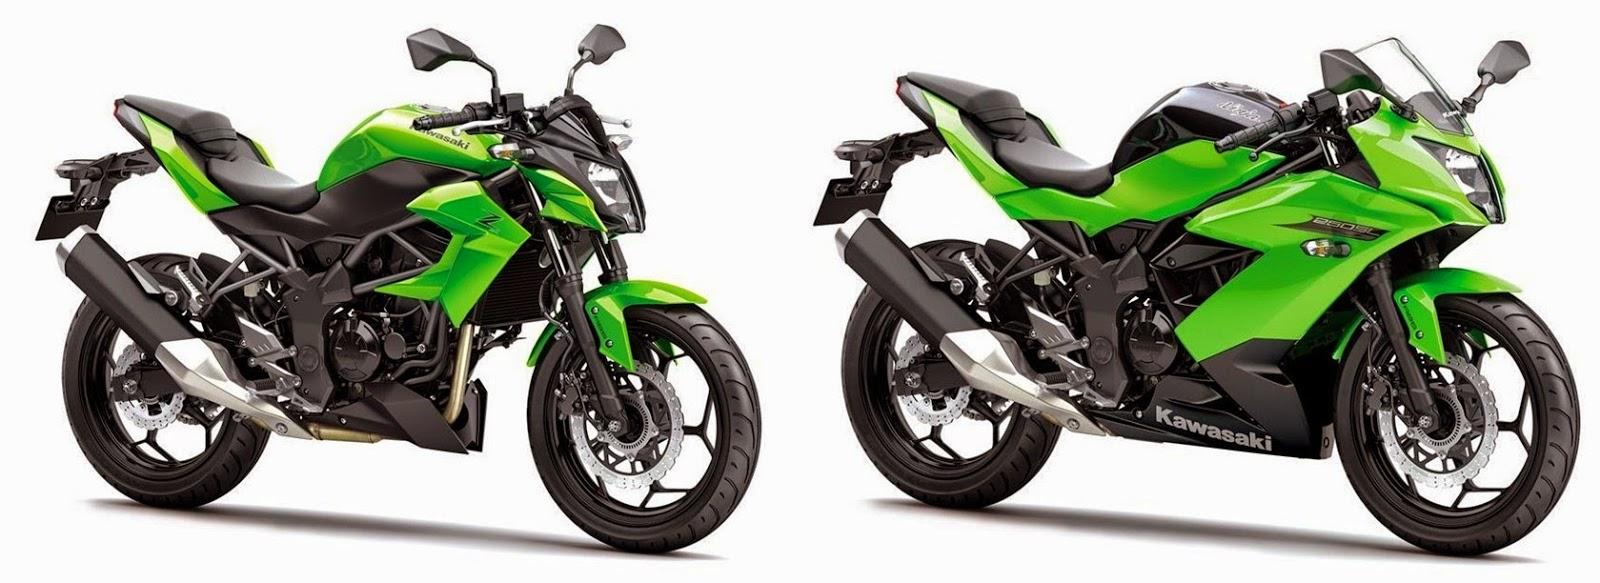 Sports Cycle: 2015 Kawasaki Ninja 250SL And Z250SL Review